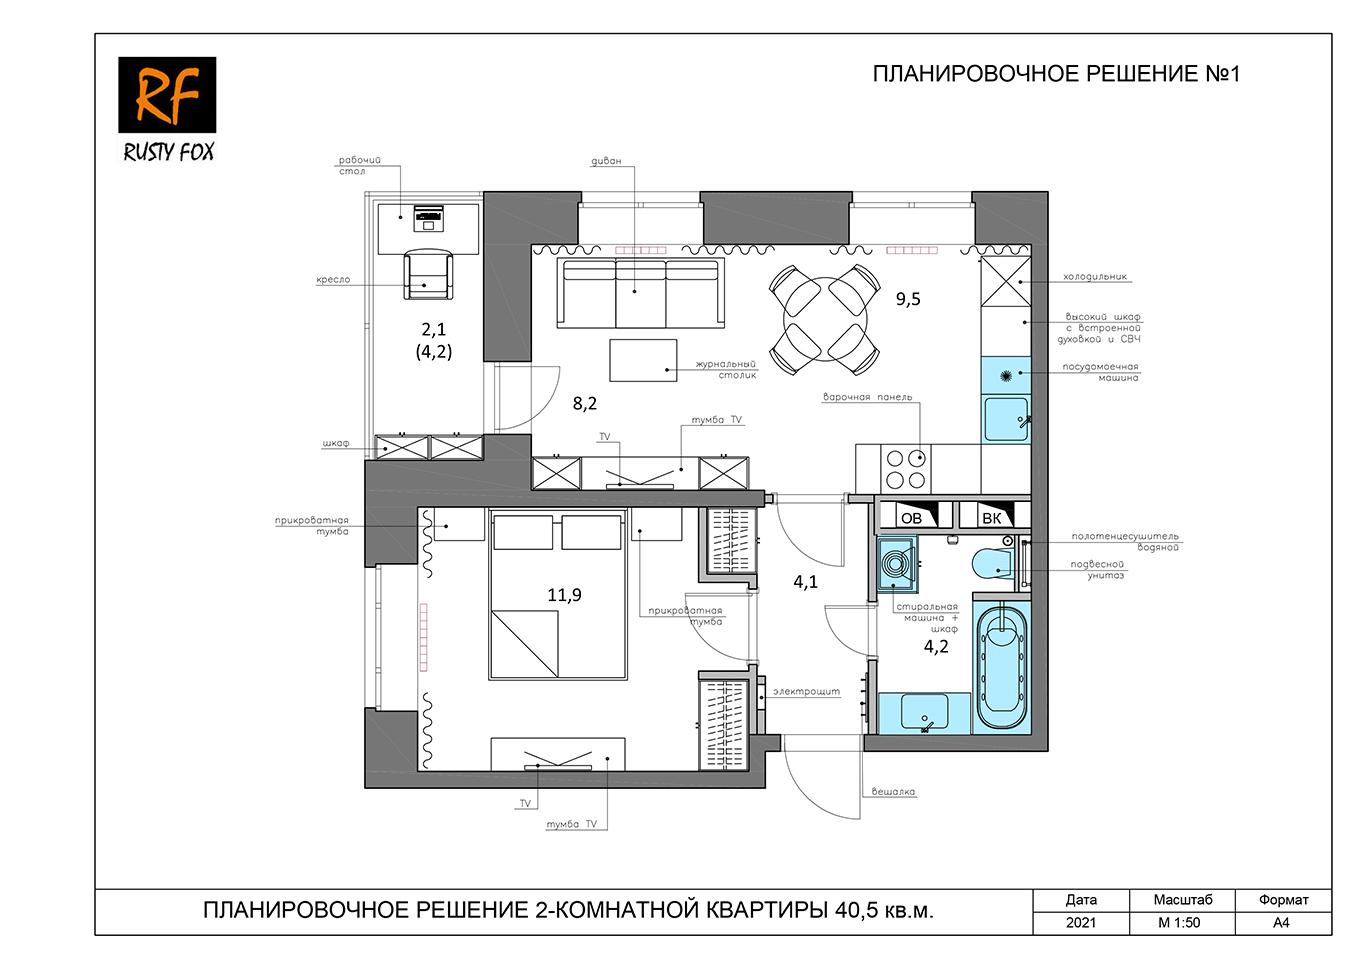 ЖК Люберцы корпус 52, секция 1. Планировочное решение №1 2-комнотная квартира 40,5 кв.м.